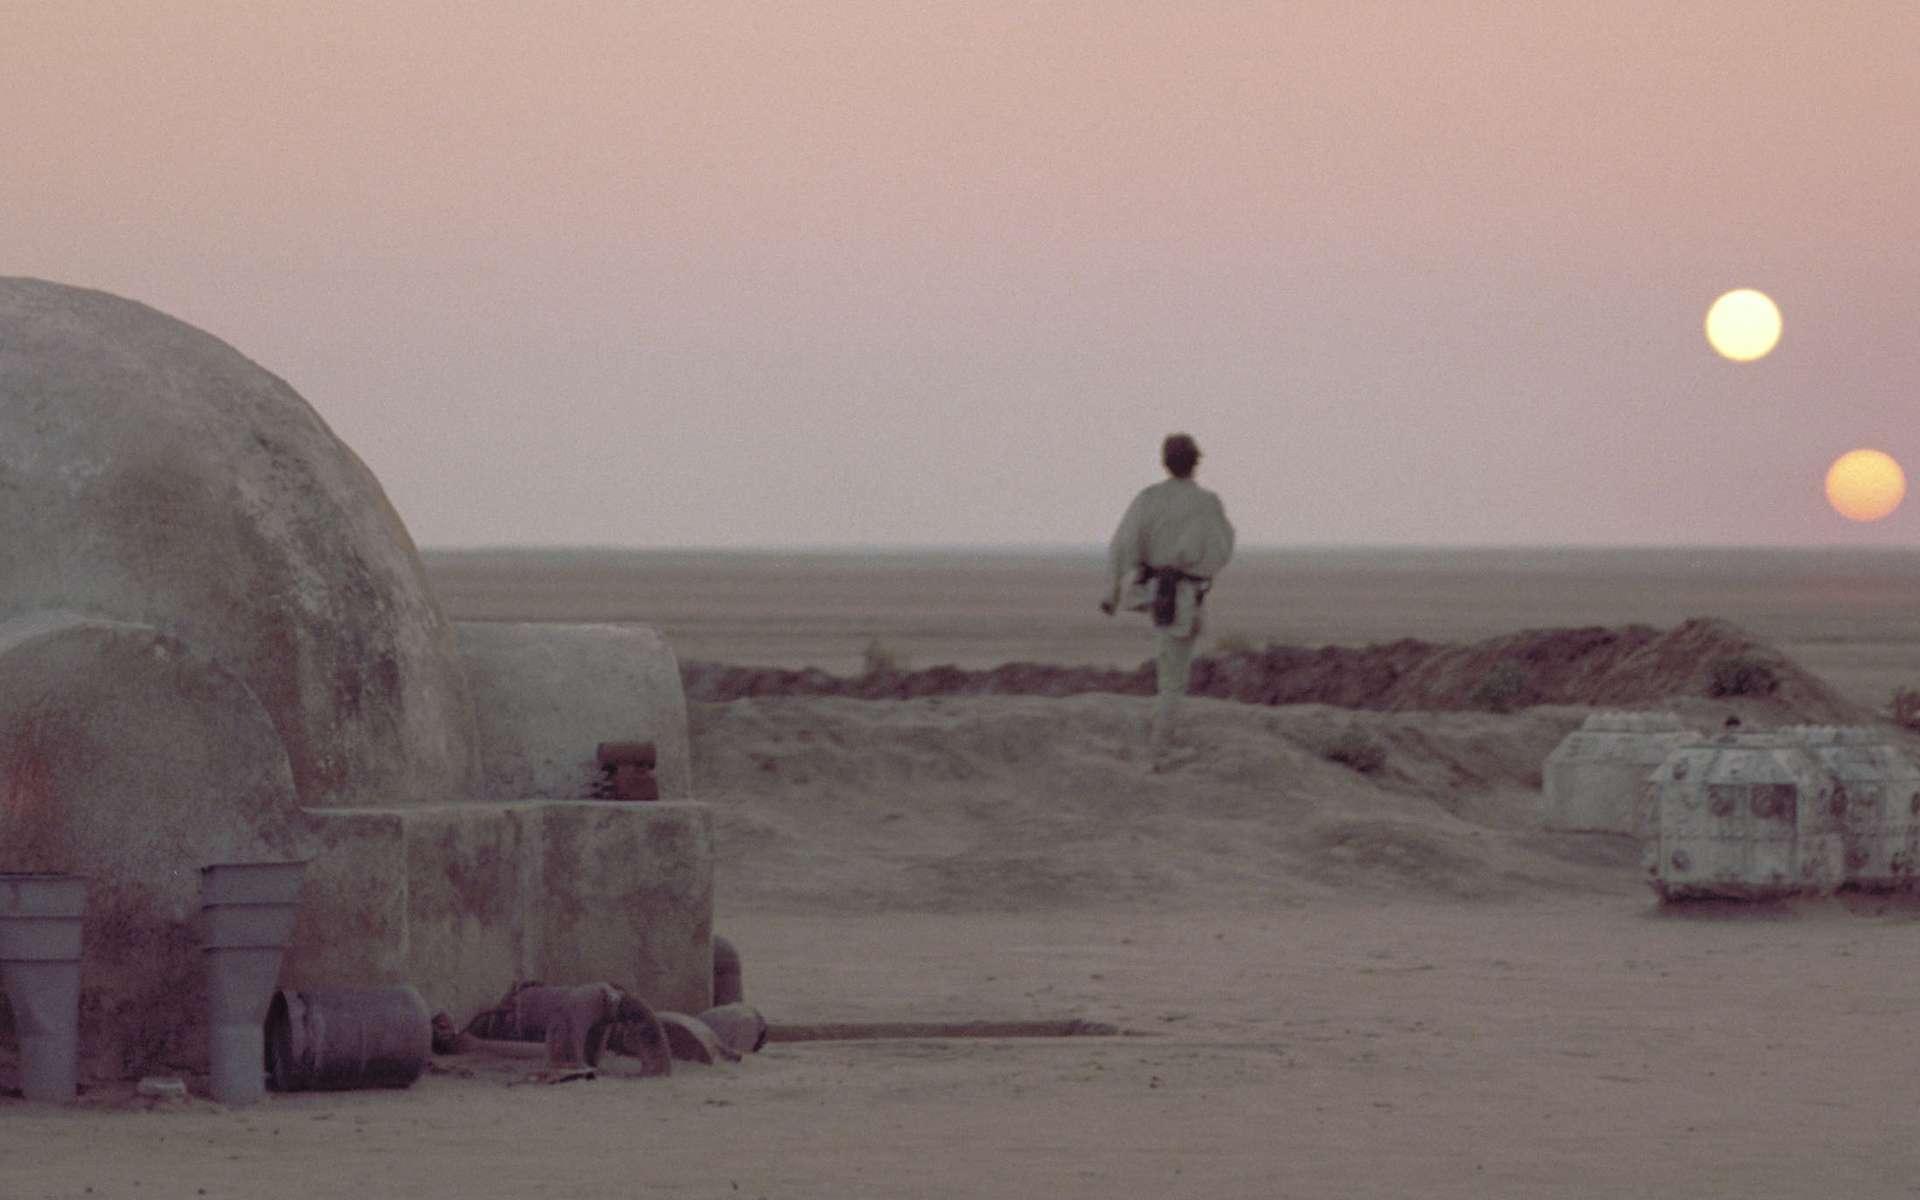 Image mythique des couchers de soleils sur Tatooine. © Lucasfilm